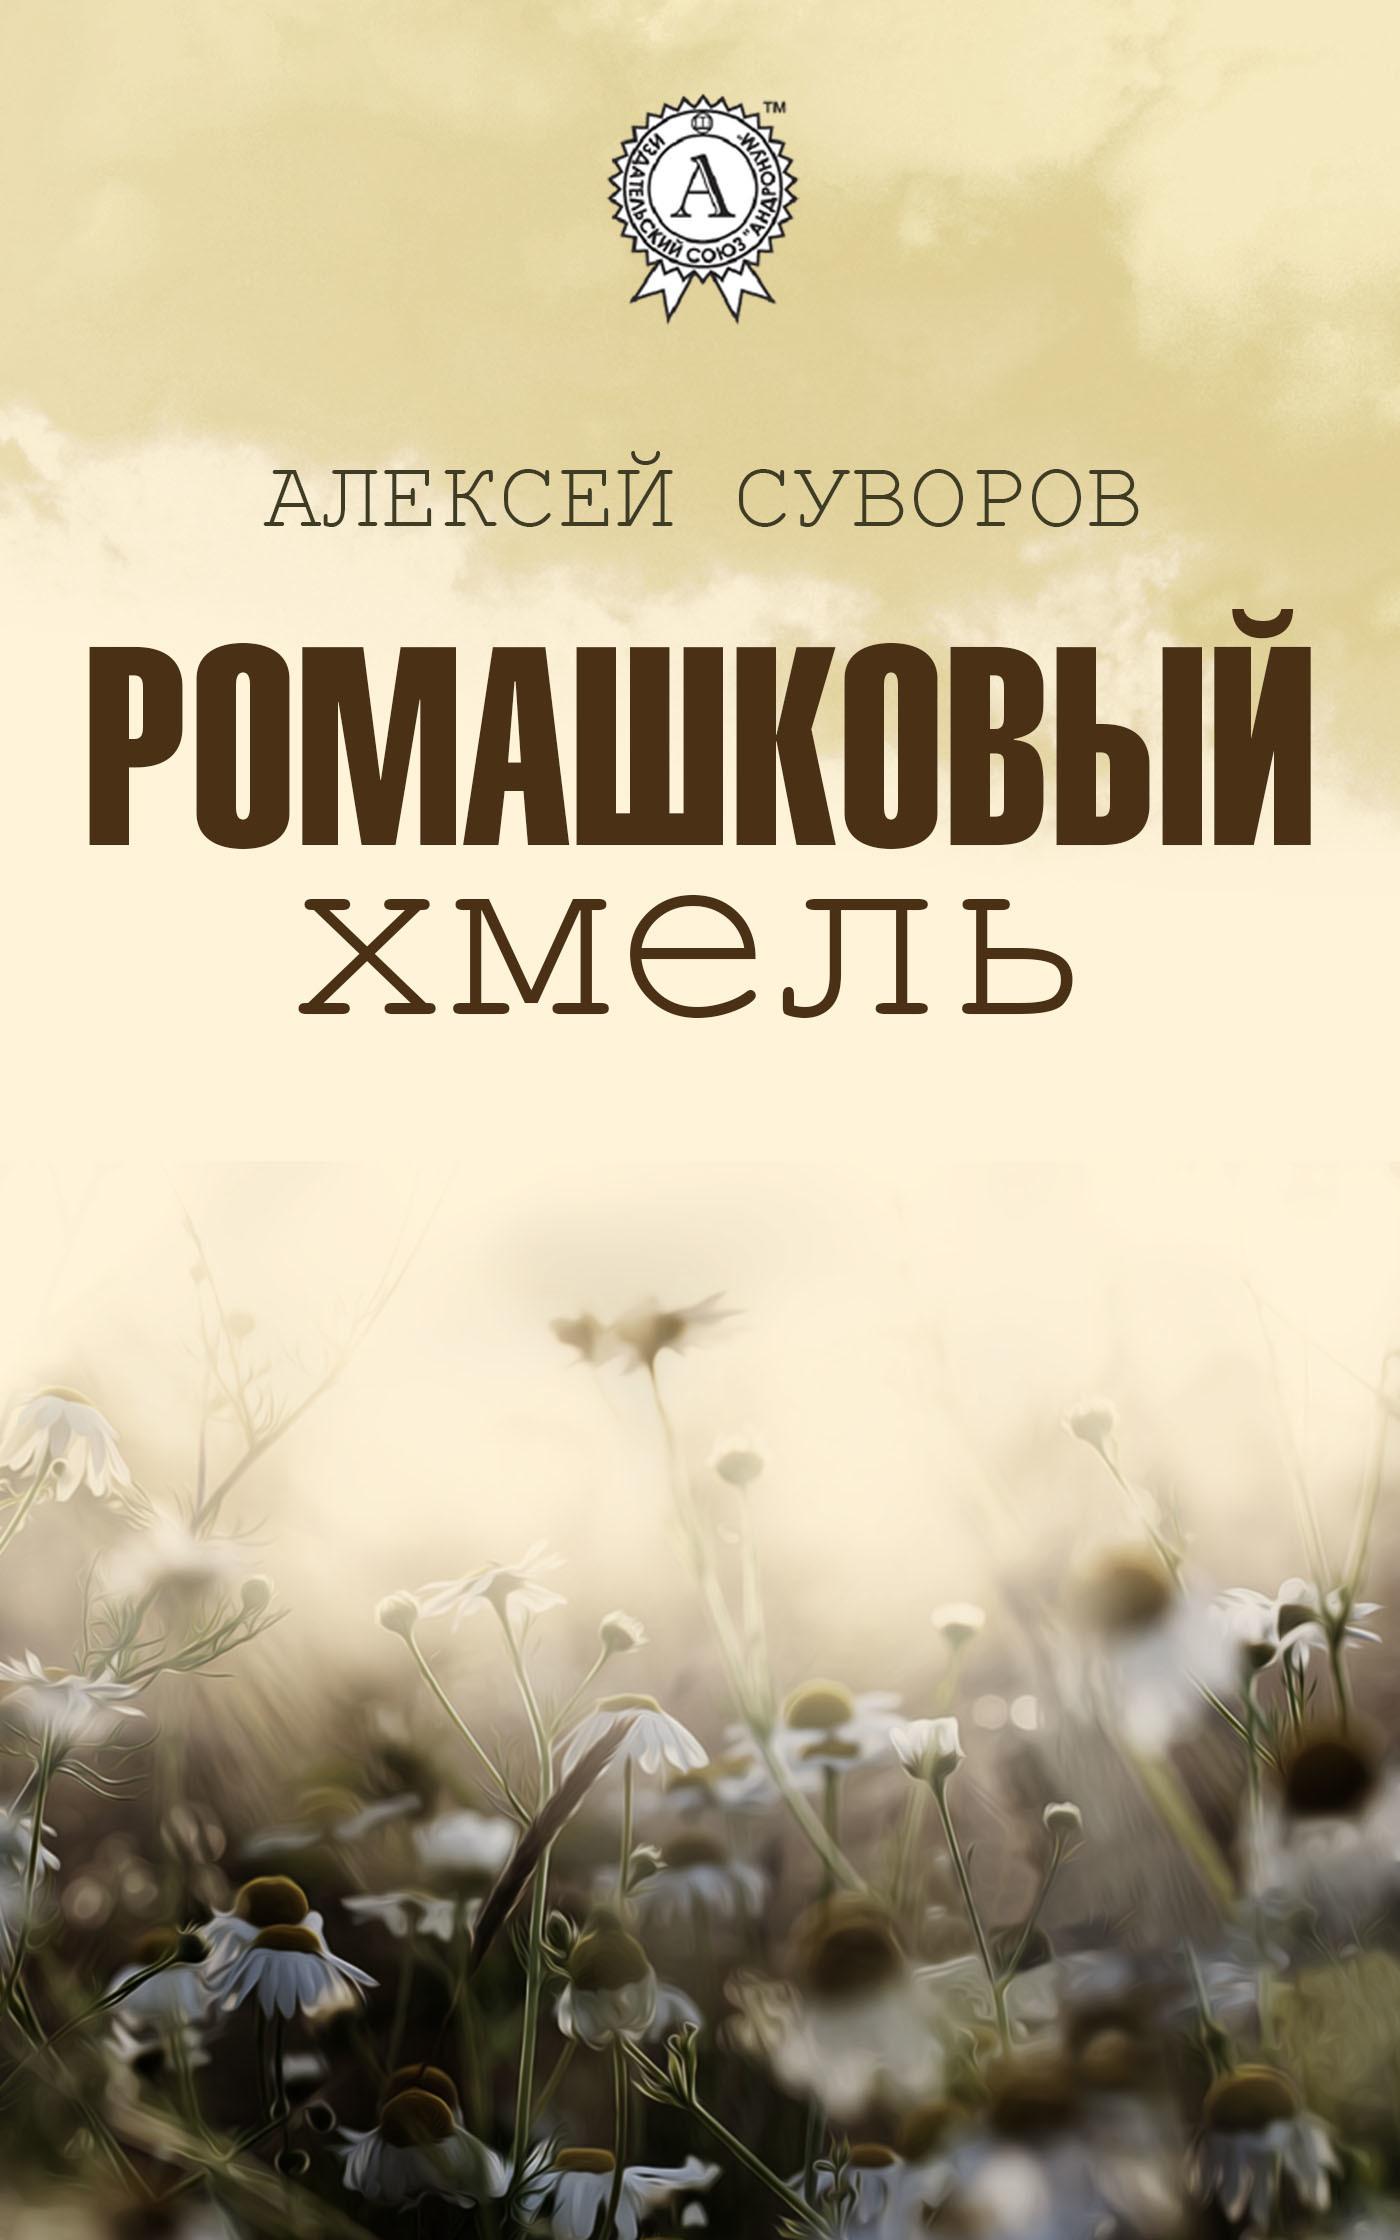 Обложка книги Ромашковый хмель, автор Алексей Суворов